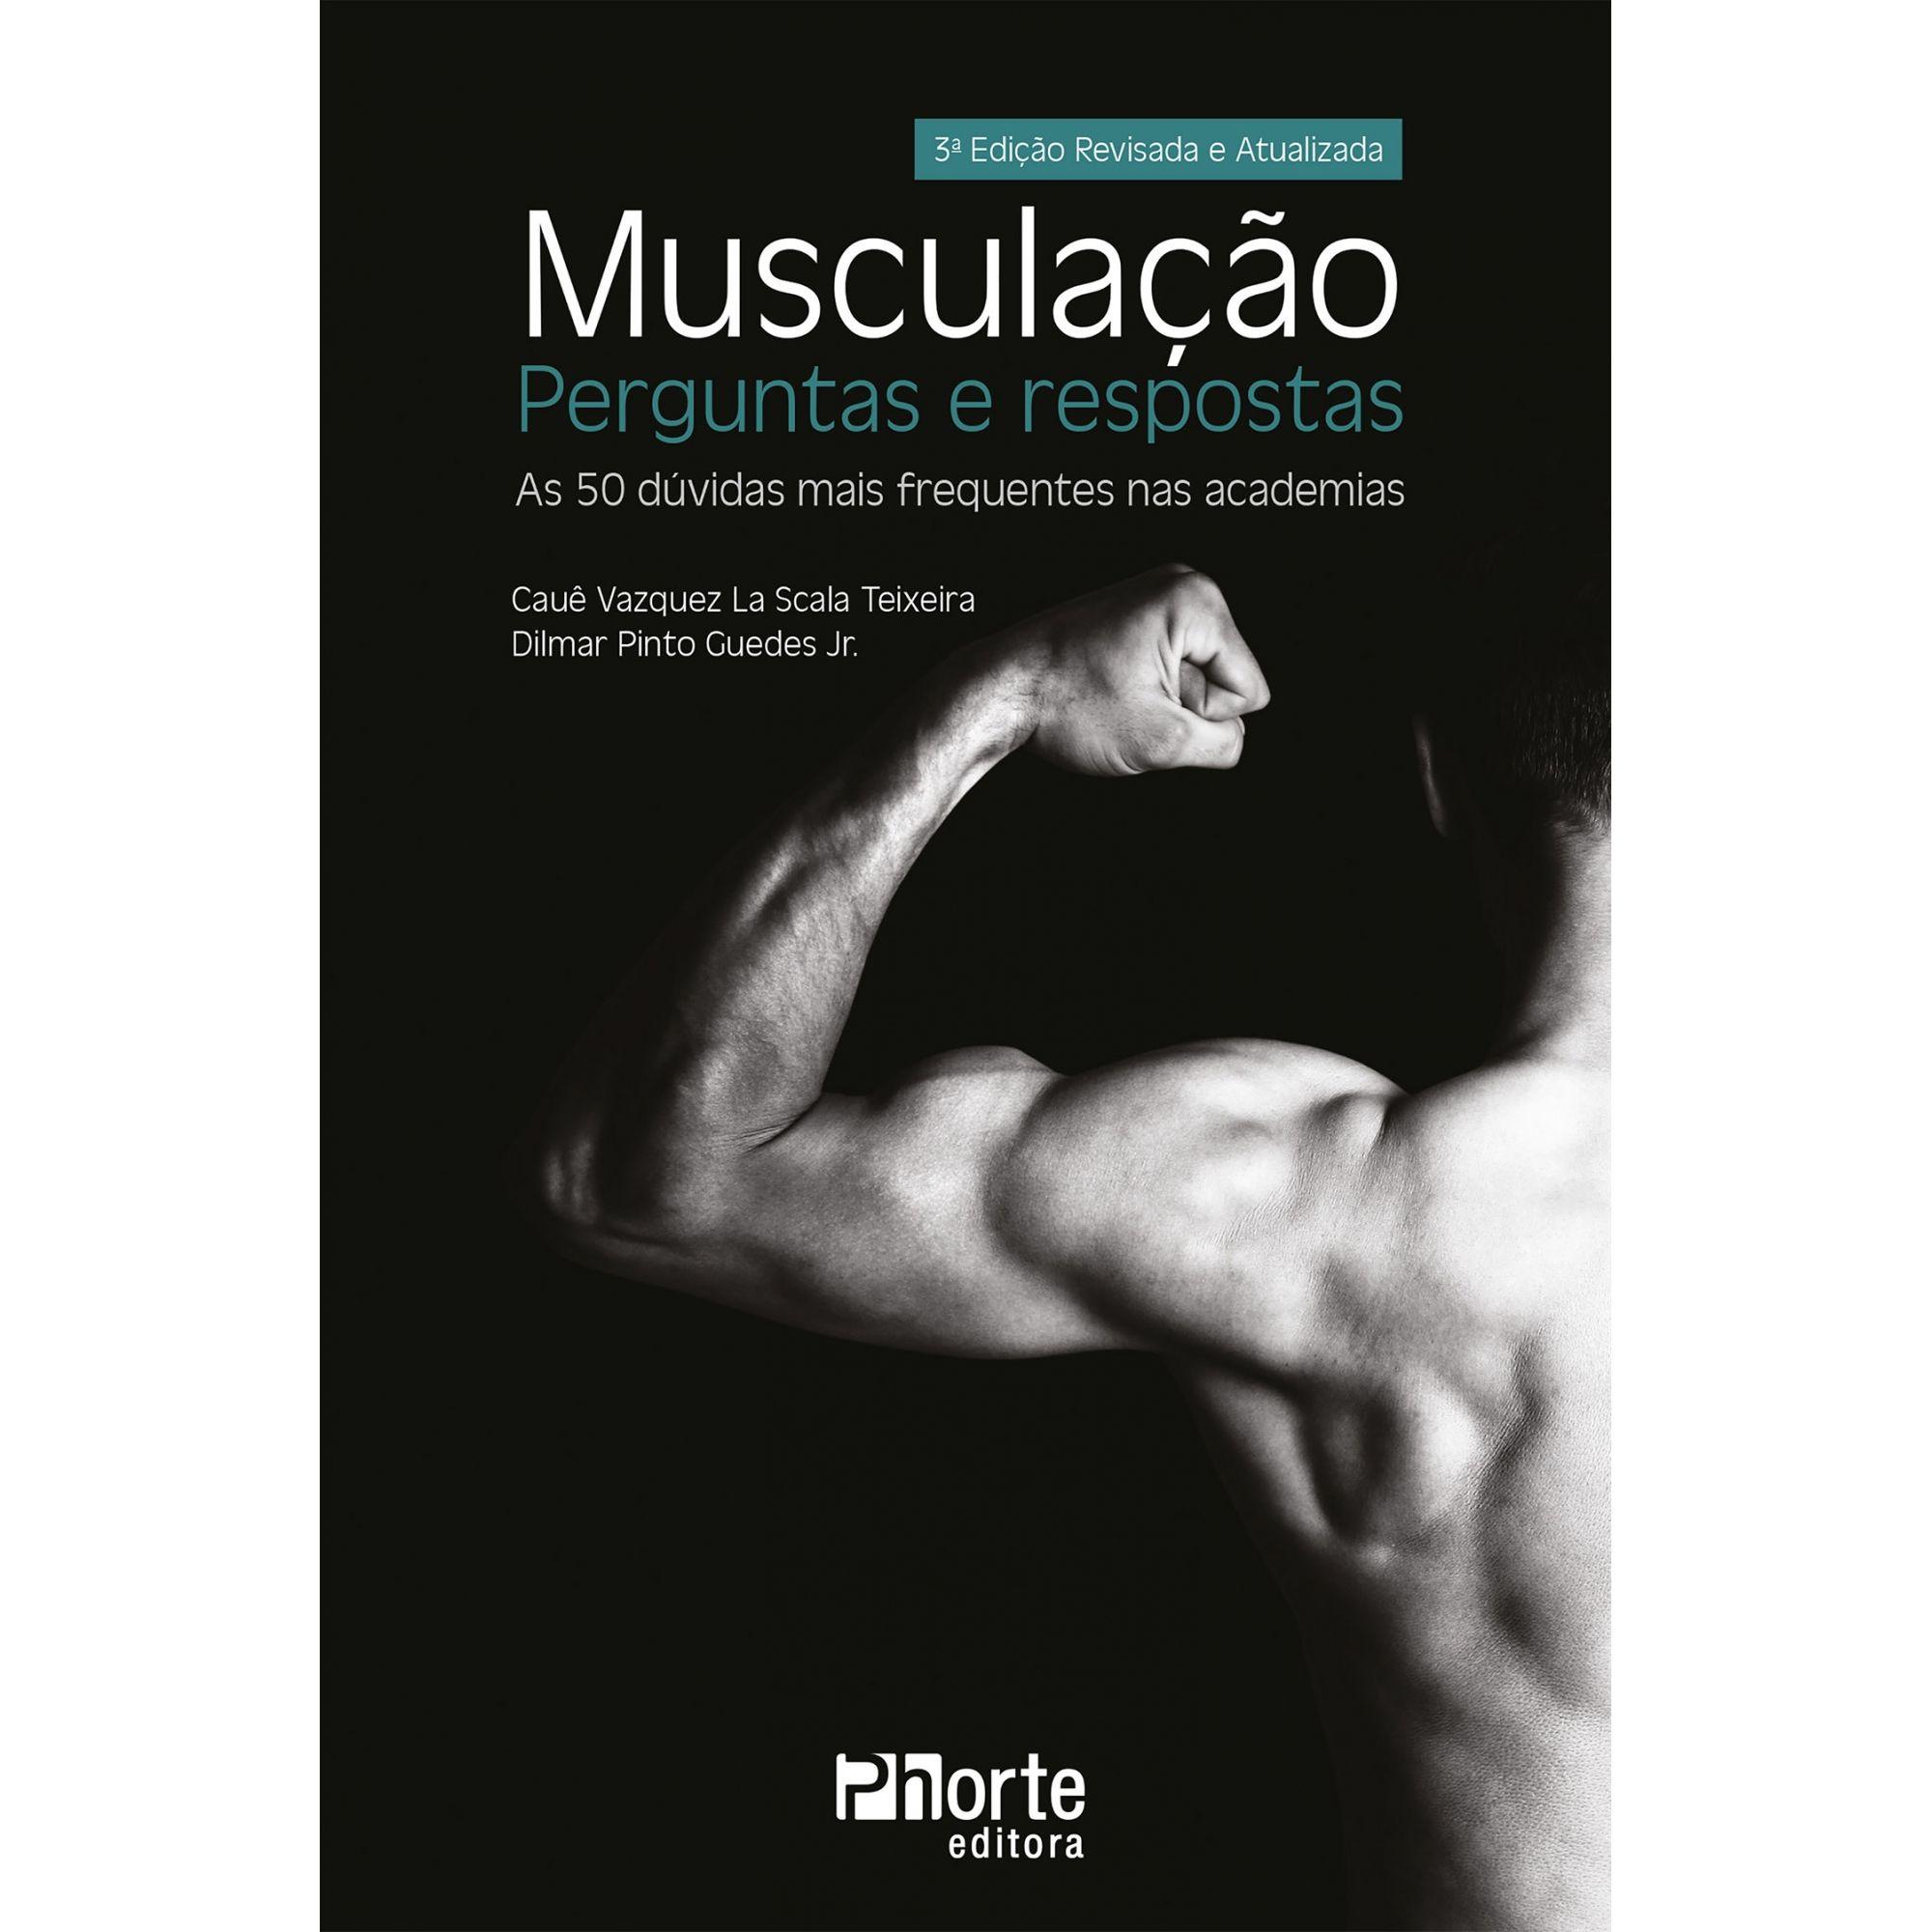 Musculação: perguntas e respostas - 3ª edição   - Phorte Editora